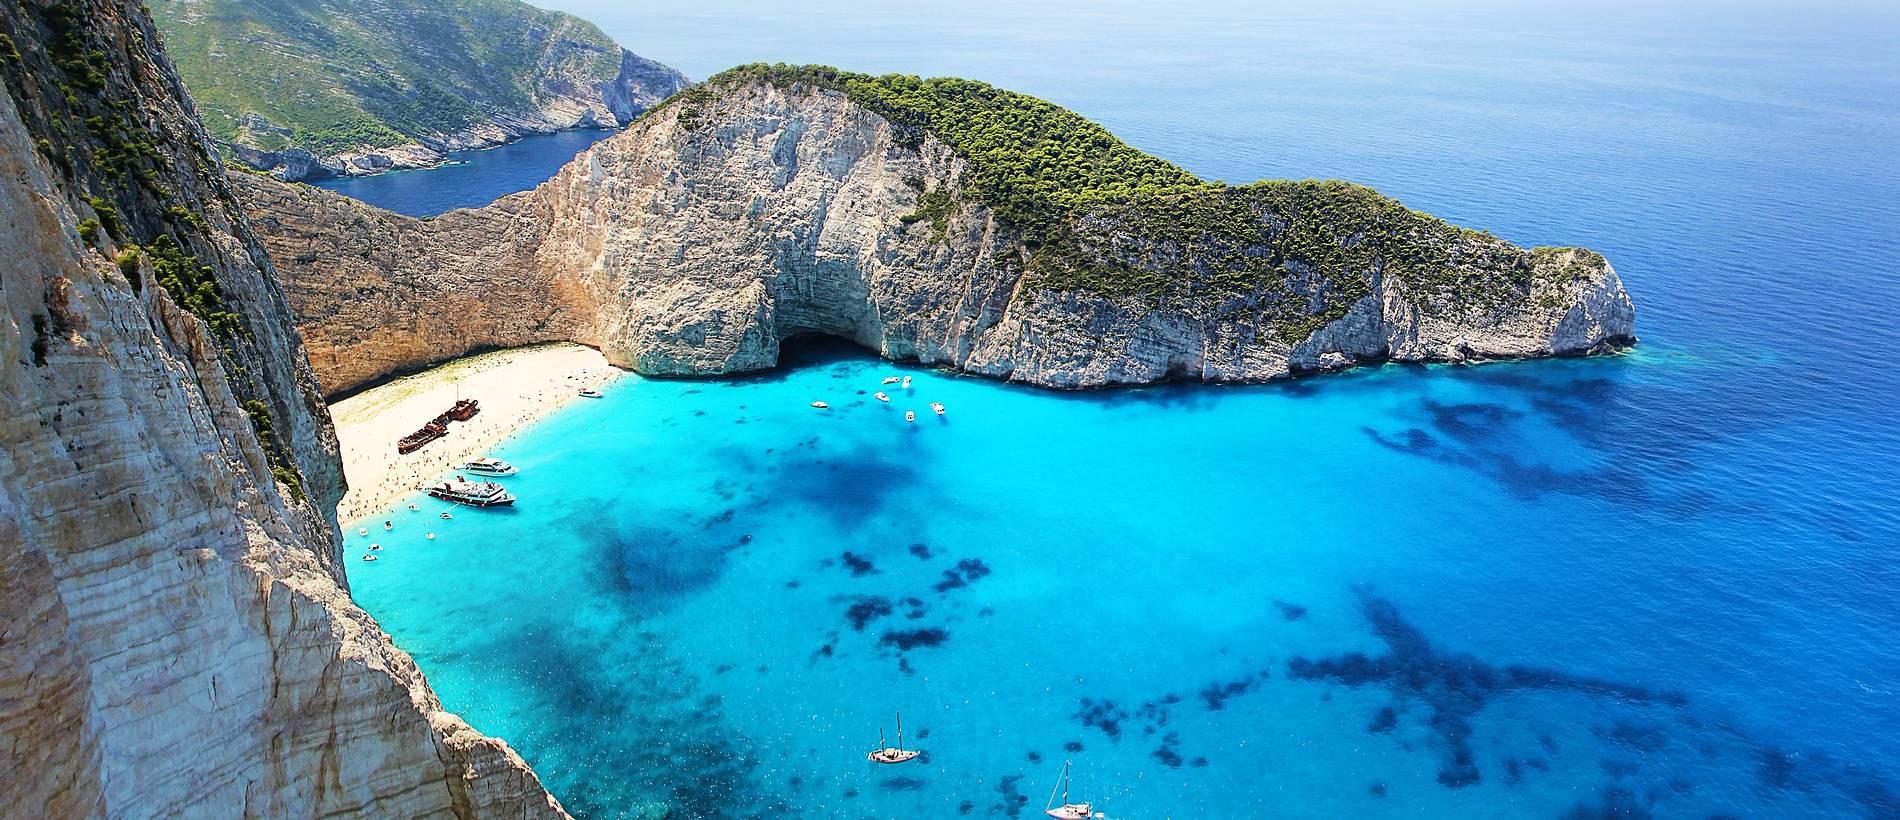 คู่มือ ท่องเที่ยว กรีซ